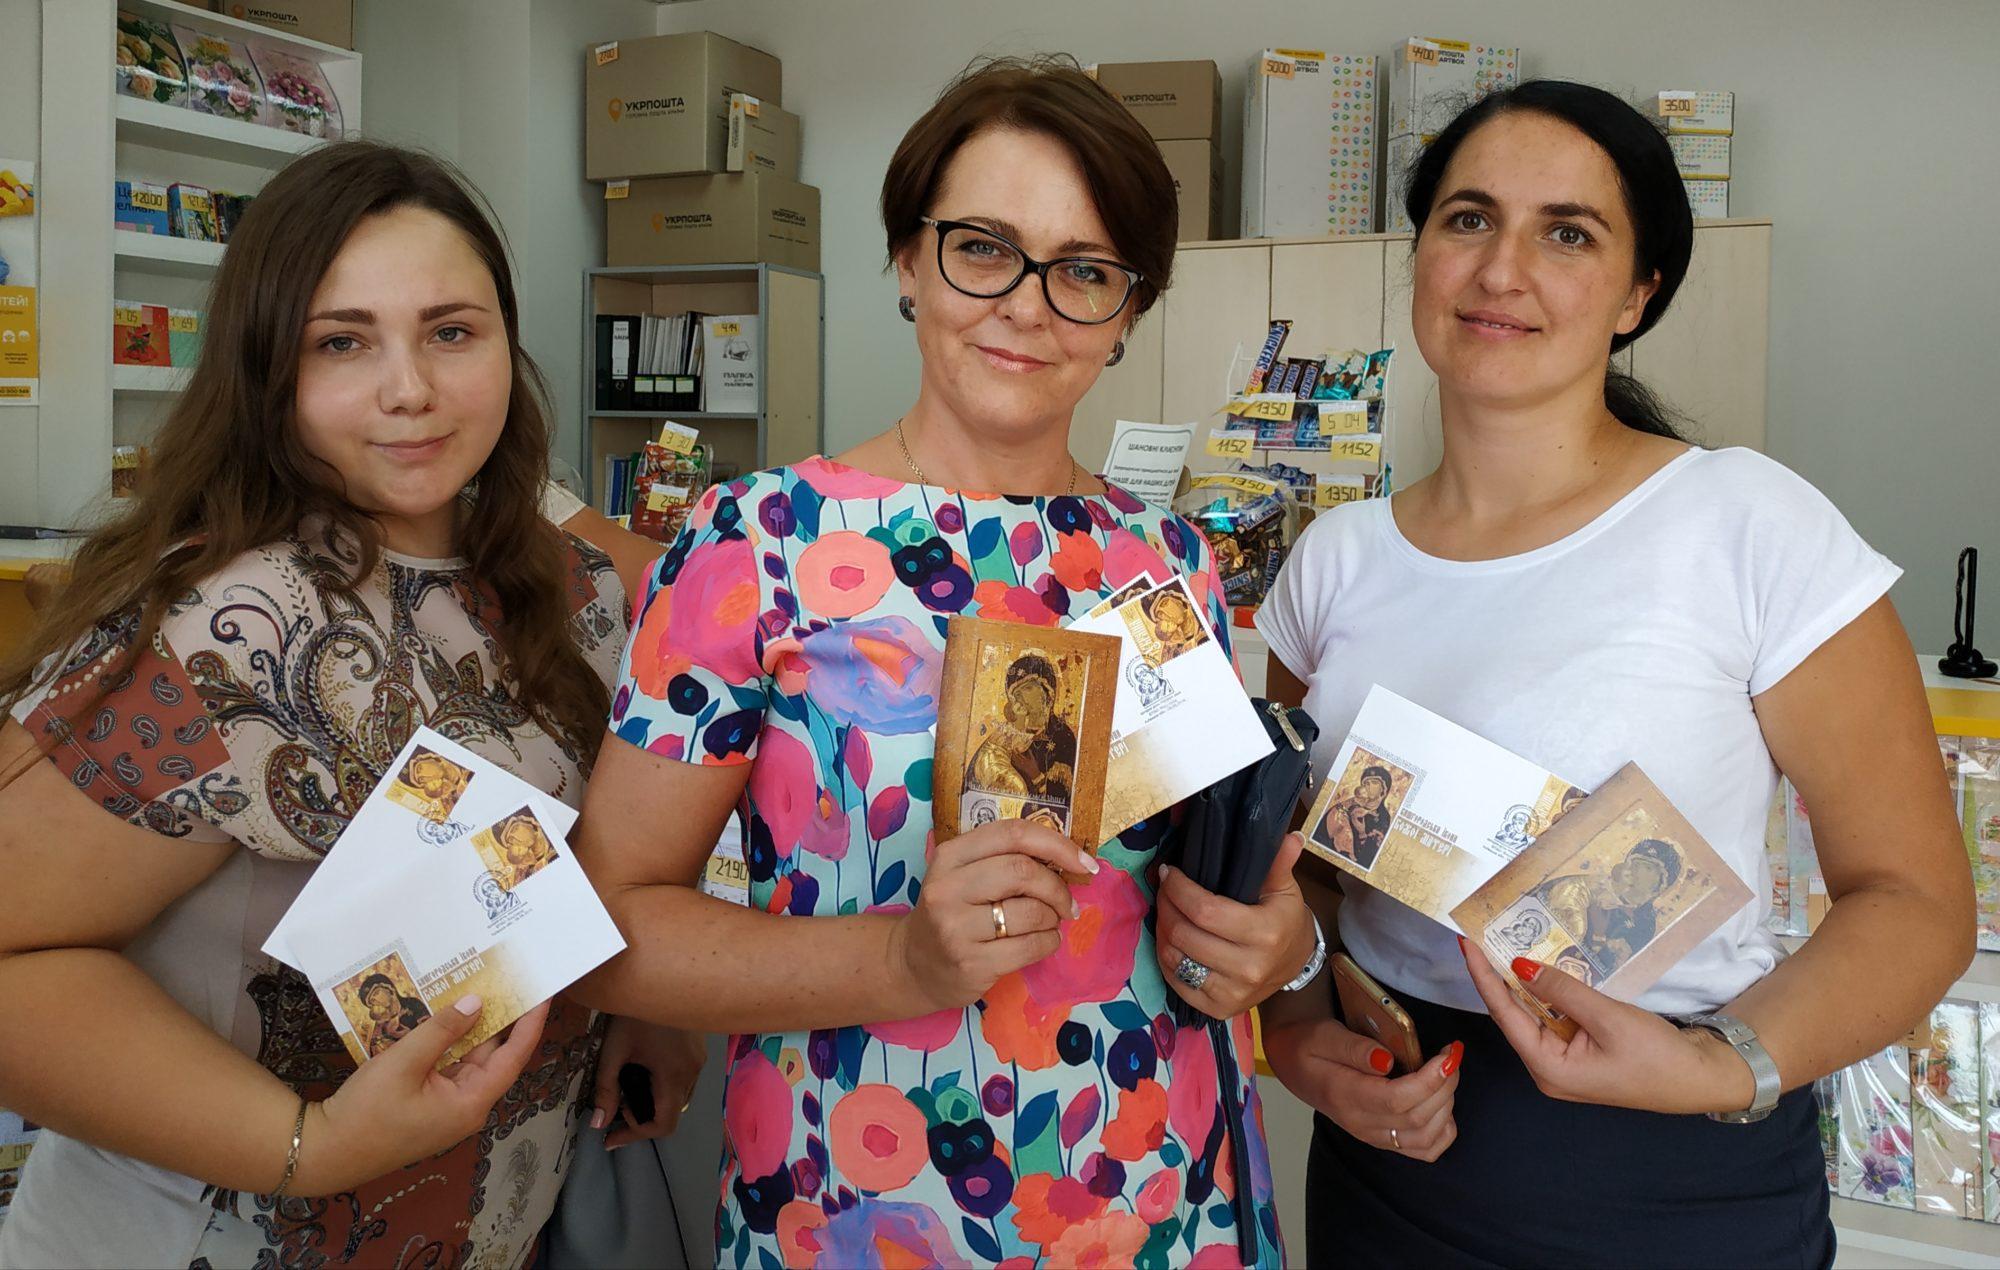 Нині триває спецпогашення поштової марки «Вишгородська ікона Божої Матері» - Укрпошта, Презентація, поштова марка, київщина, Вишгород - 0828 Marka Ivanova 2000x1270